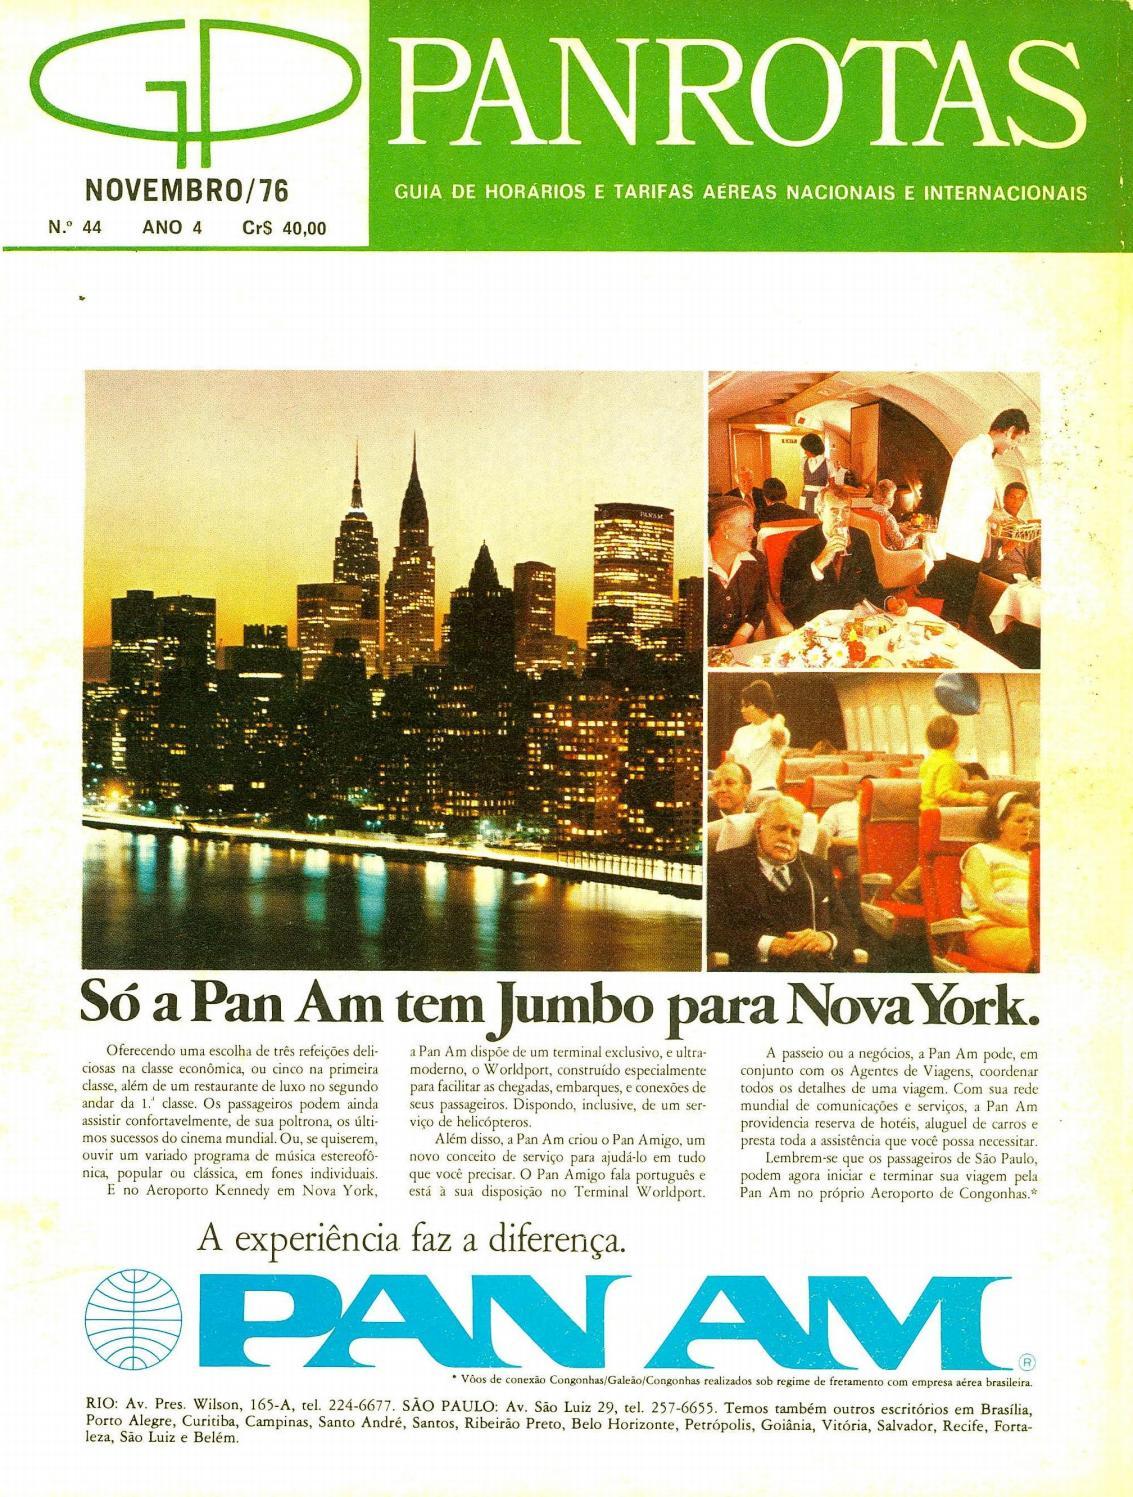 d709d3fd0 Guia PANROTAS - Edição 44 - Novembro/1976 by PANROTAS Editora - issuu